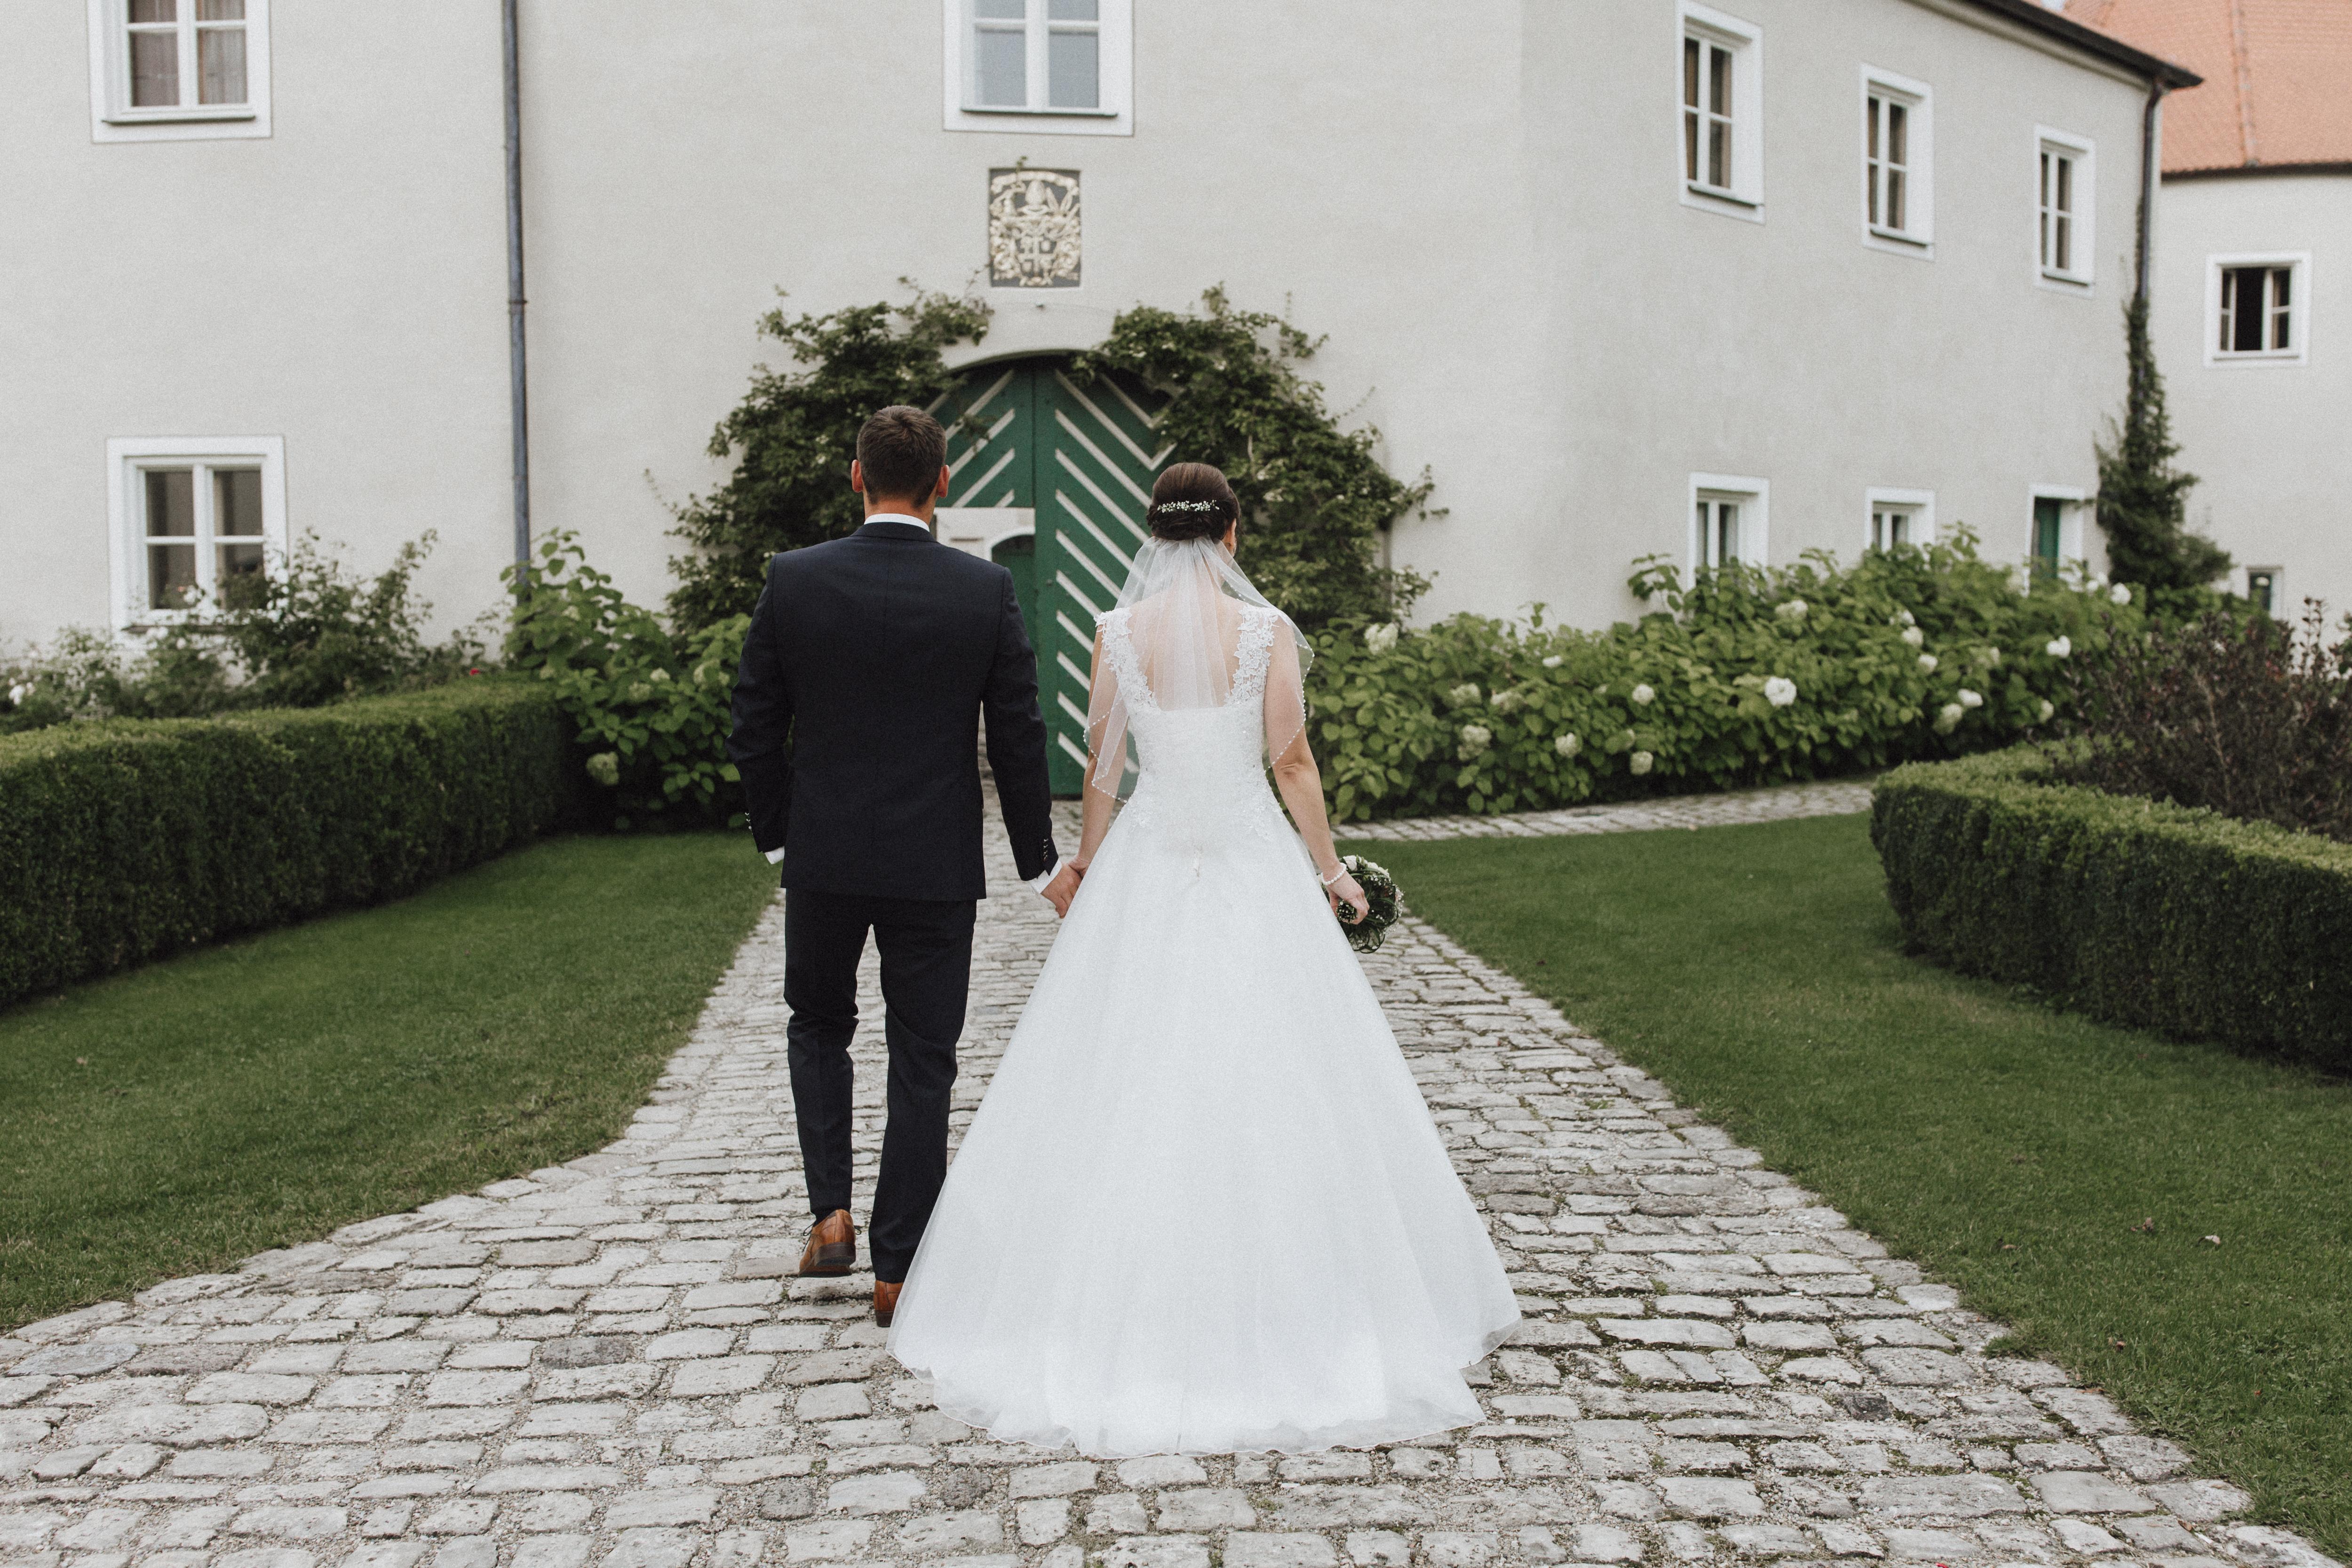 URBANERIE_Daniela_Goth_Hochzeitsfotografin_Nürnberg_Fürth_Erlangen_Schwabach_170909_0011